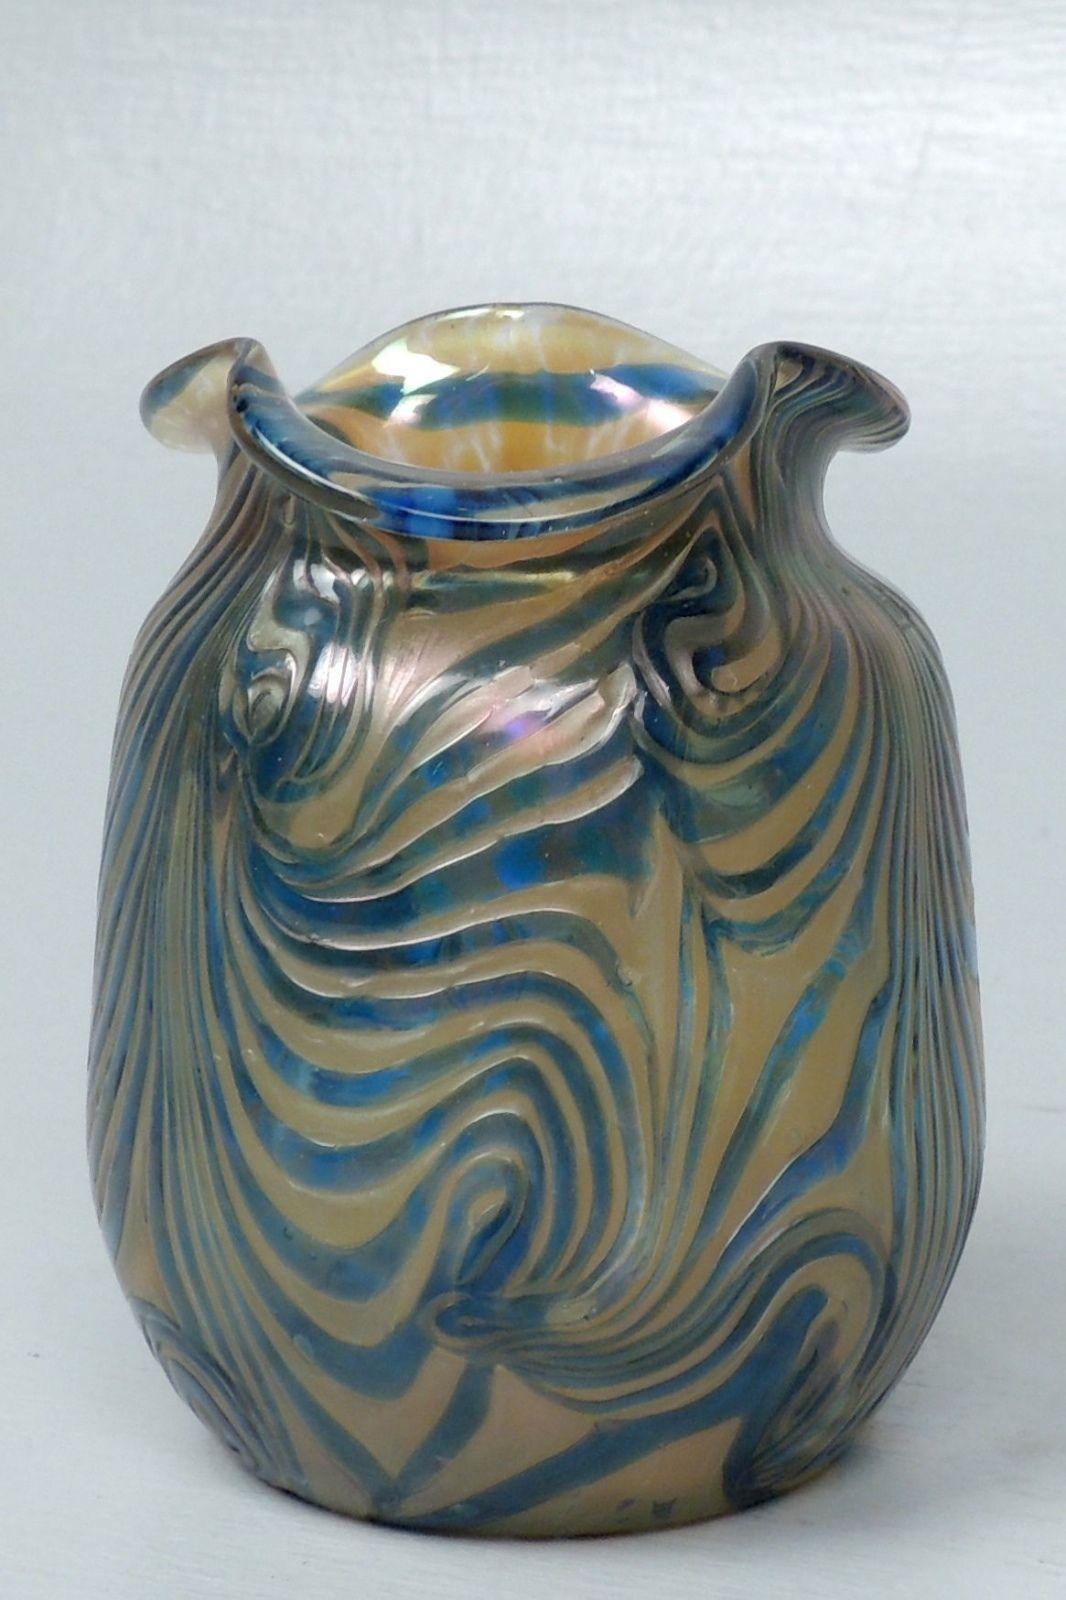 Antique Kralik Blue On Gold Art Gl Vase Pulled Feather King Tut Loetz